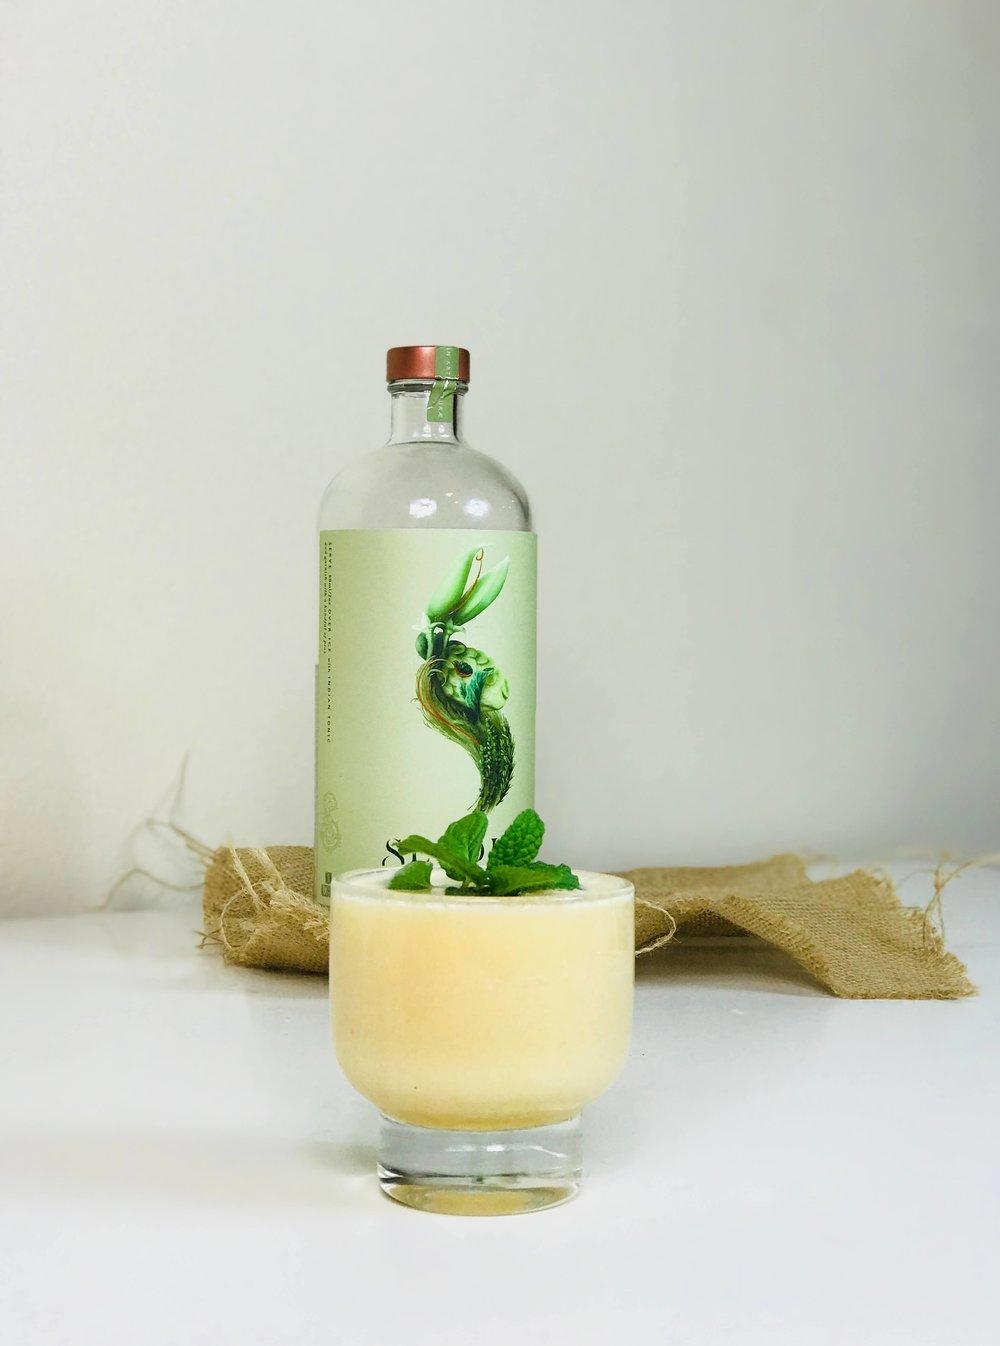 Seedlip Garden creamy flip cocktail